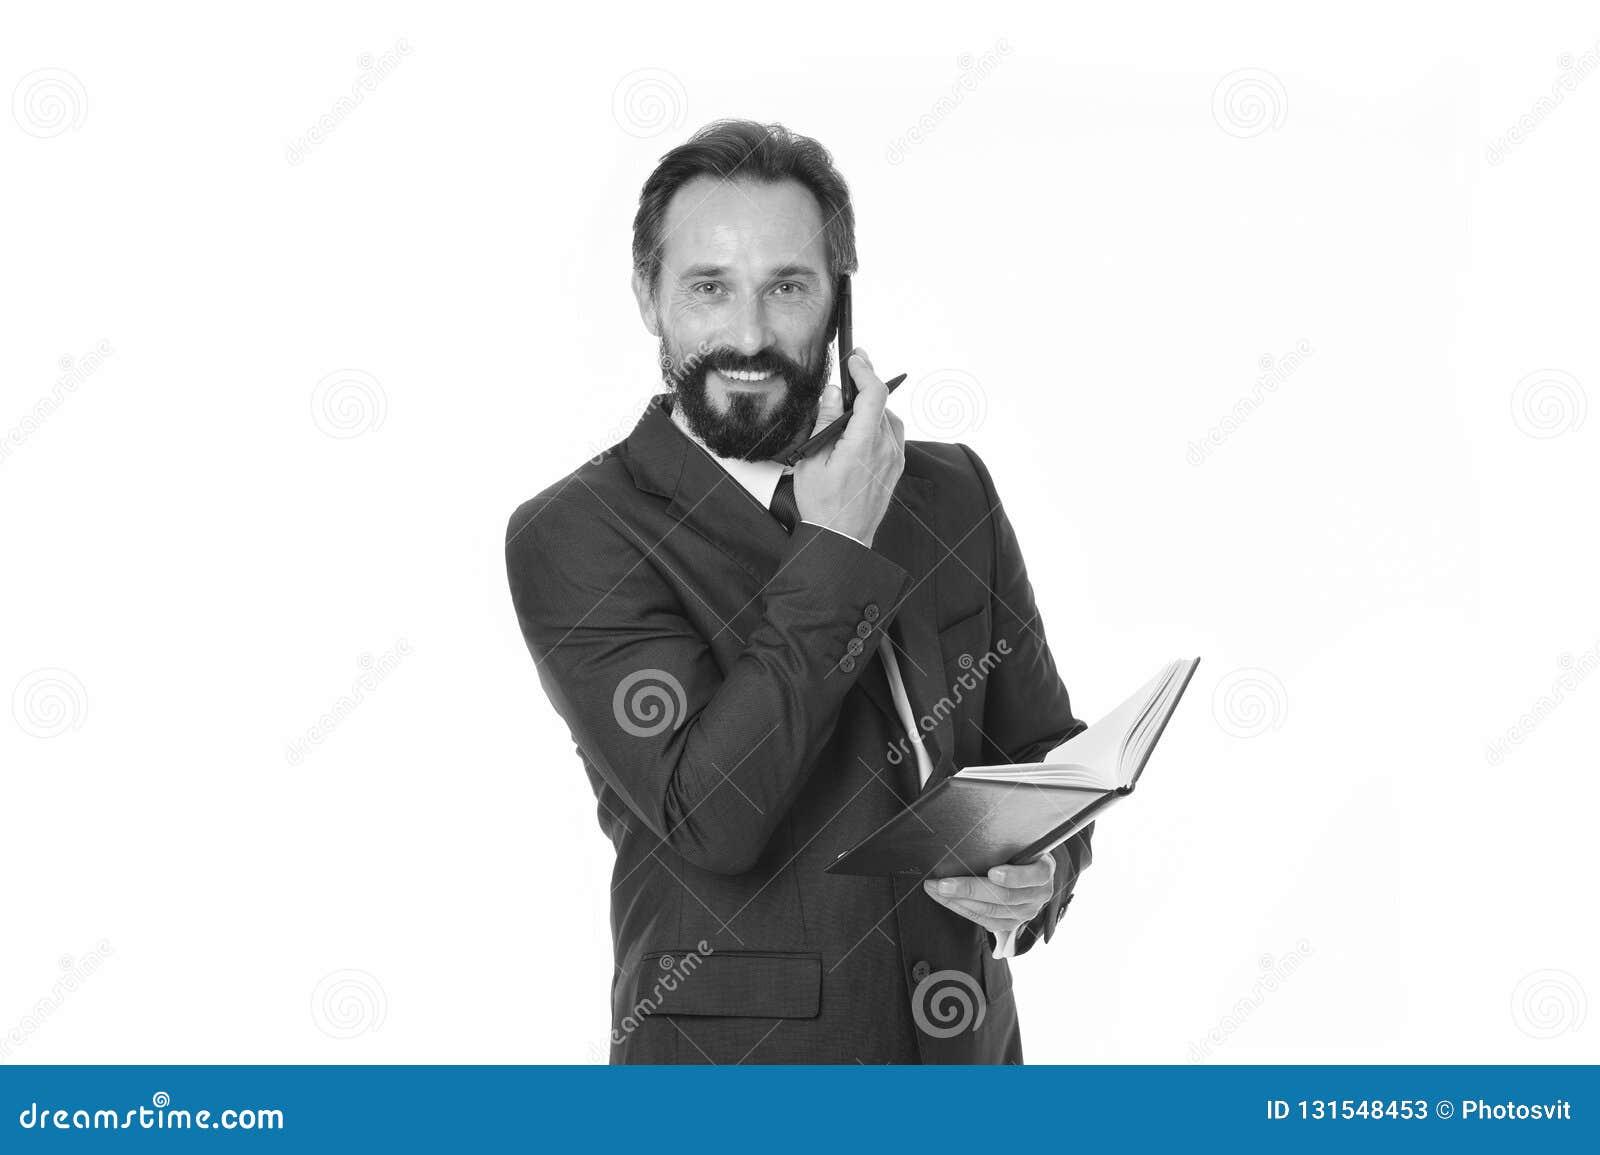 Zanim wezwanie pisze puszek informaci musi przenosić i cokolwiek potrzeba pyta klienta Biznesmen dzwoni klienta chwyta notepad